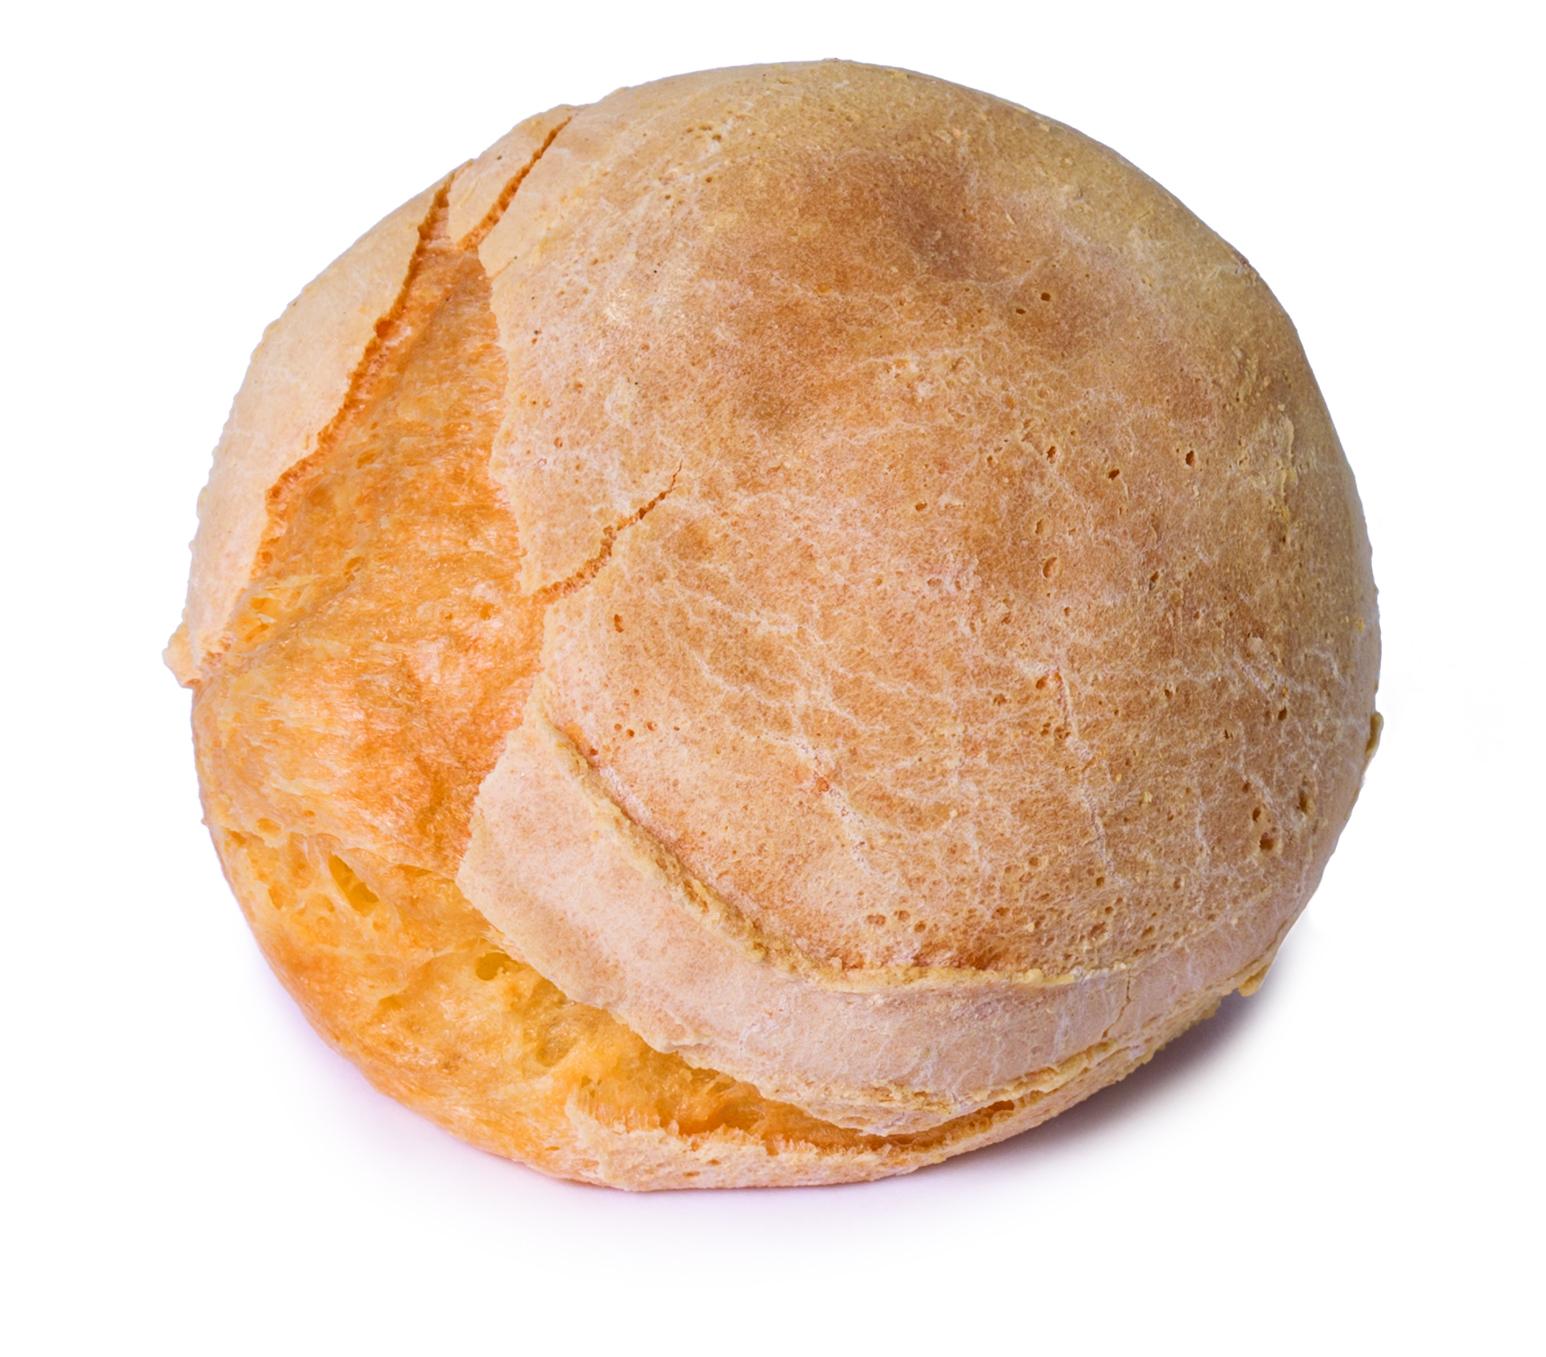 Lanche - Pães de Queijo Pão de Queijo 90g Premium